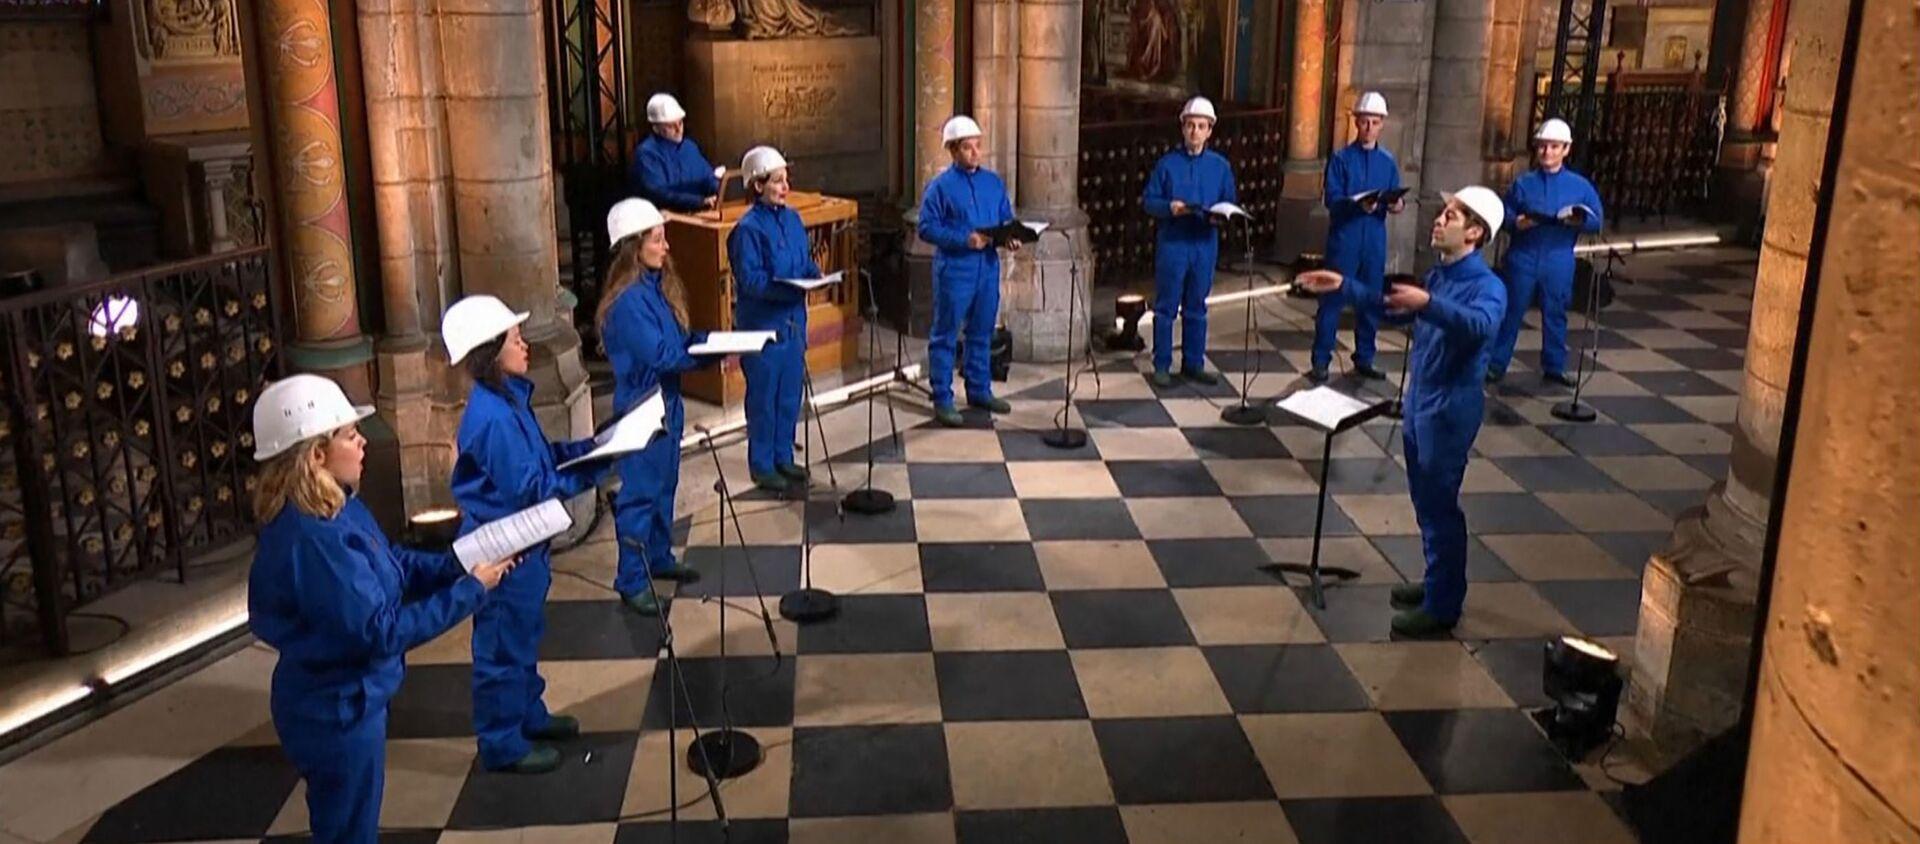 El coro de Notre Dame ofrece un concierto navideño en la catedral de Notre Dame  - Sputnik Mundo, 1920, 25.12.2020